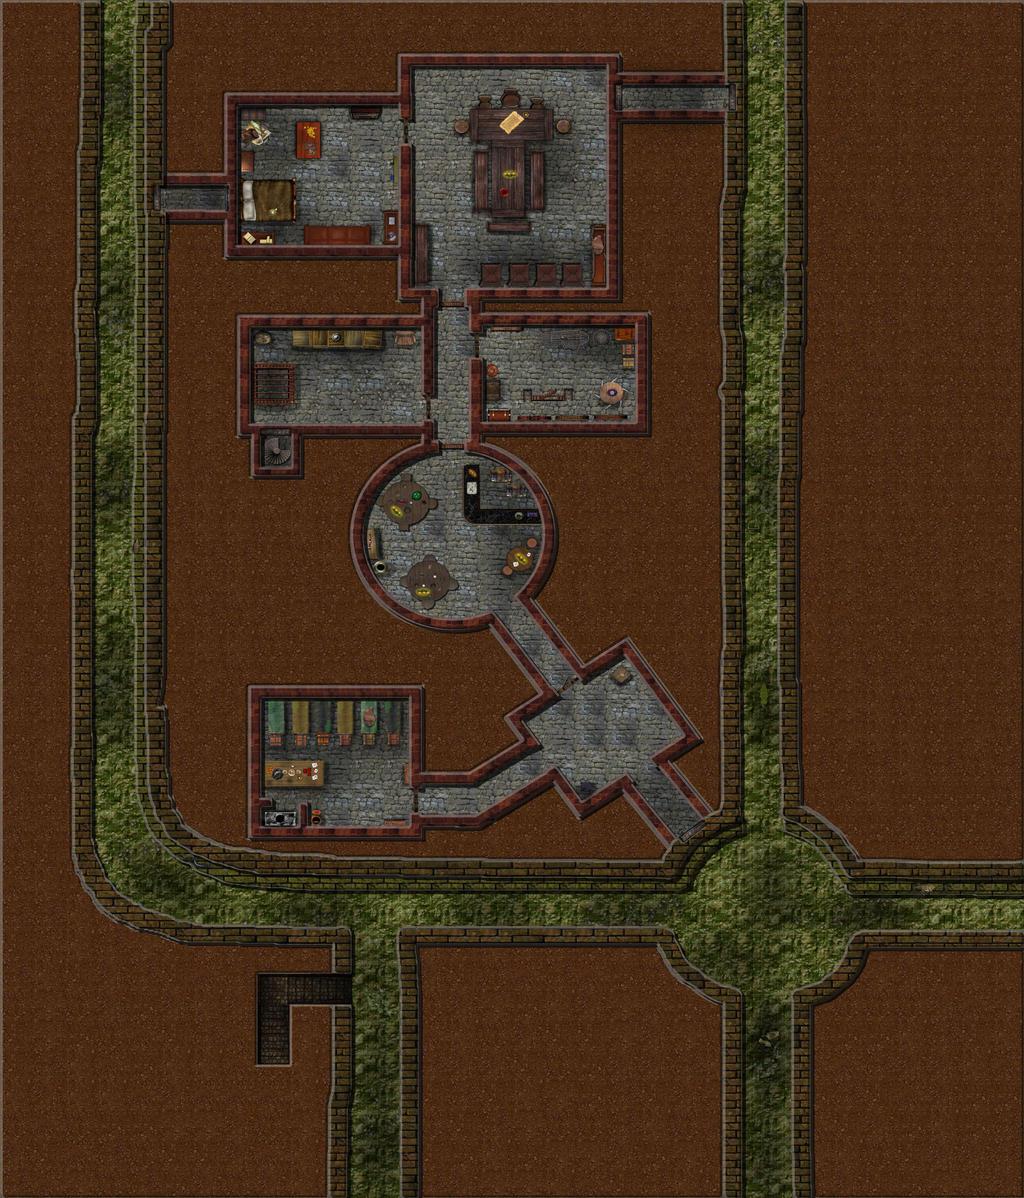 Thieves Guild 59x69 Bogie by Bogie-DJ